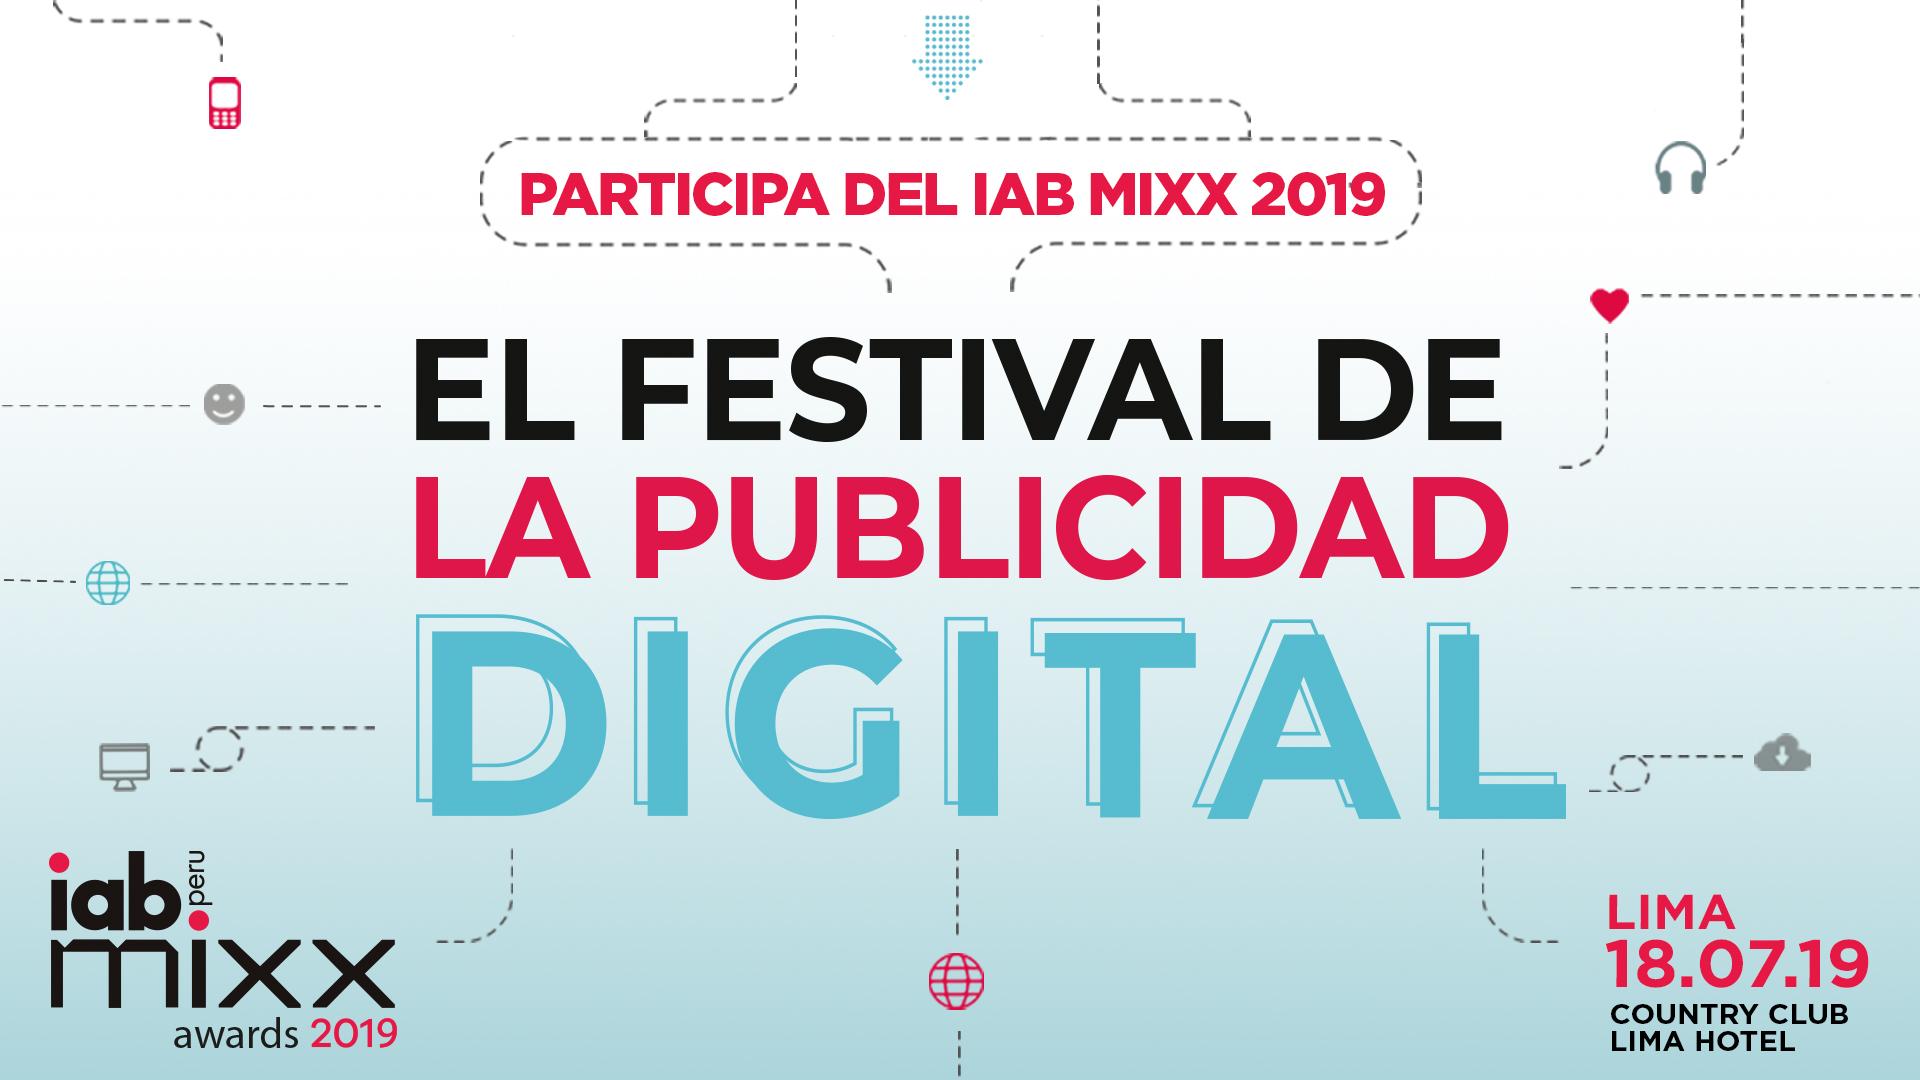 Premios Mixx 2019: Postula, aún tienes tiempo